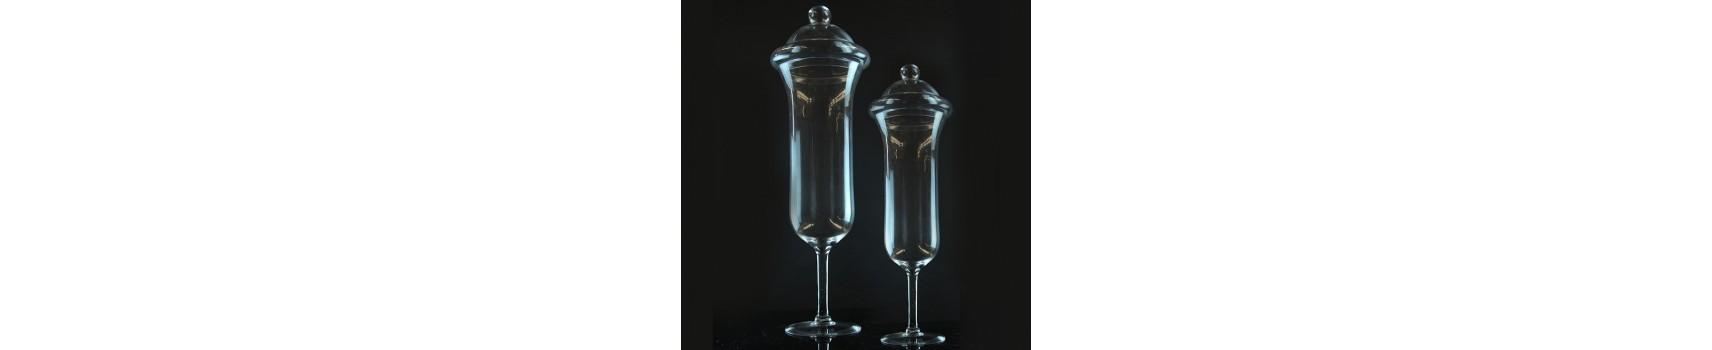 כלי זכוכית אחסונית